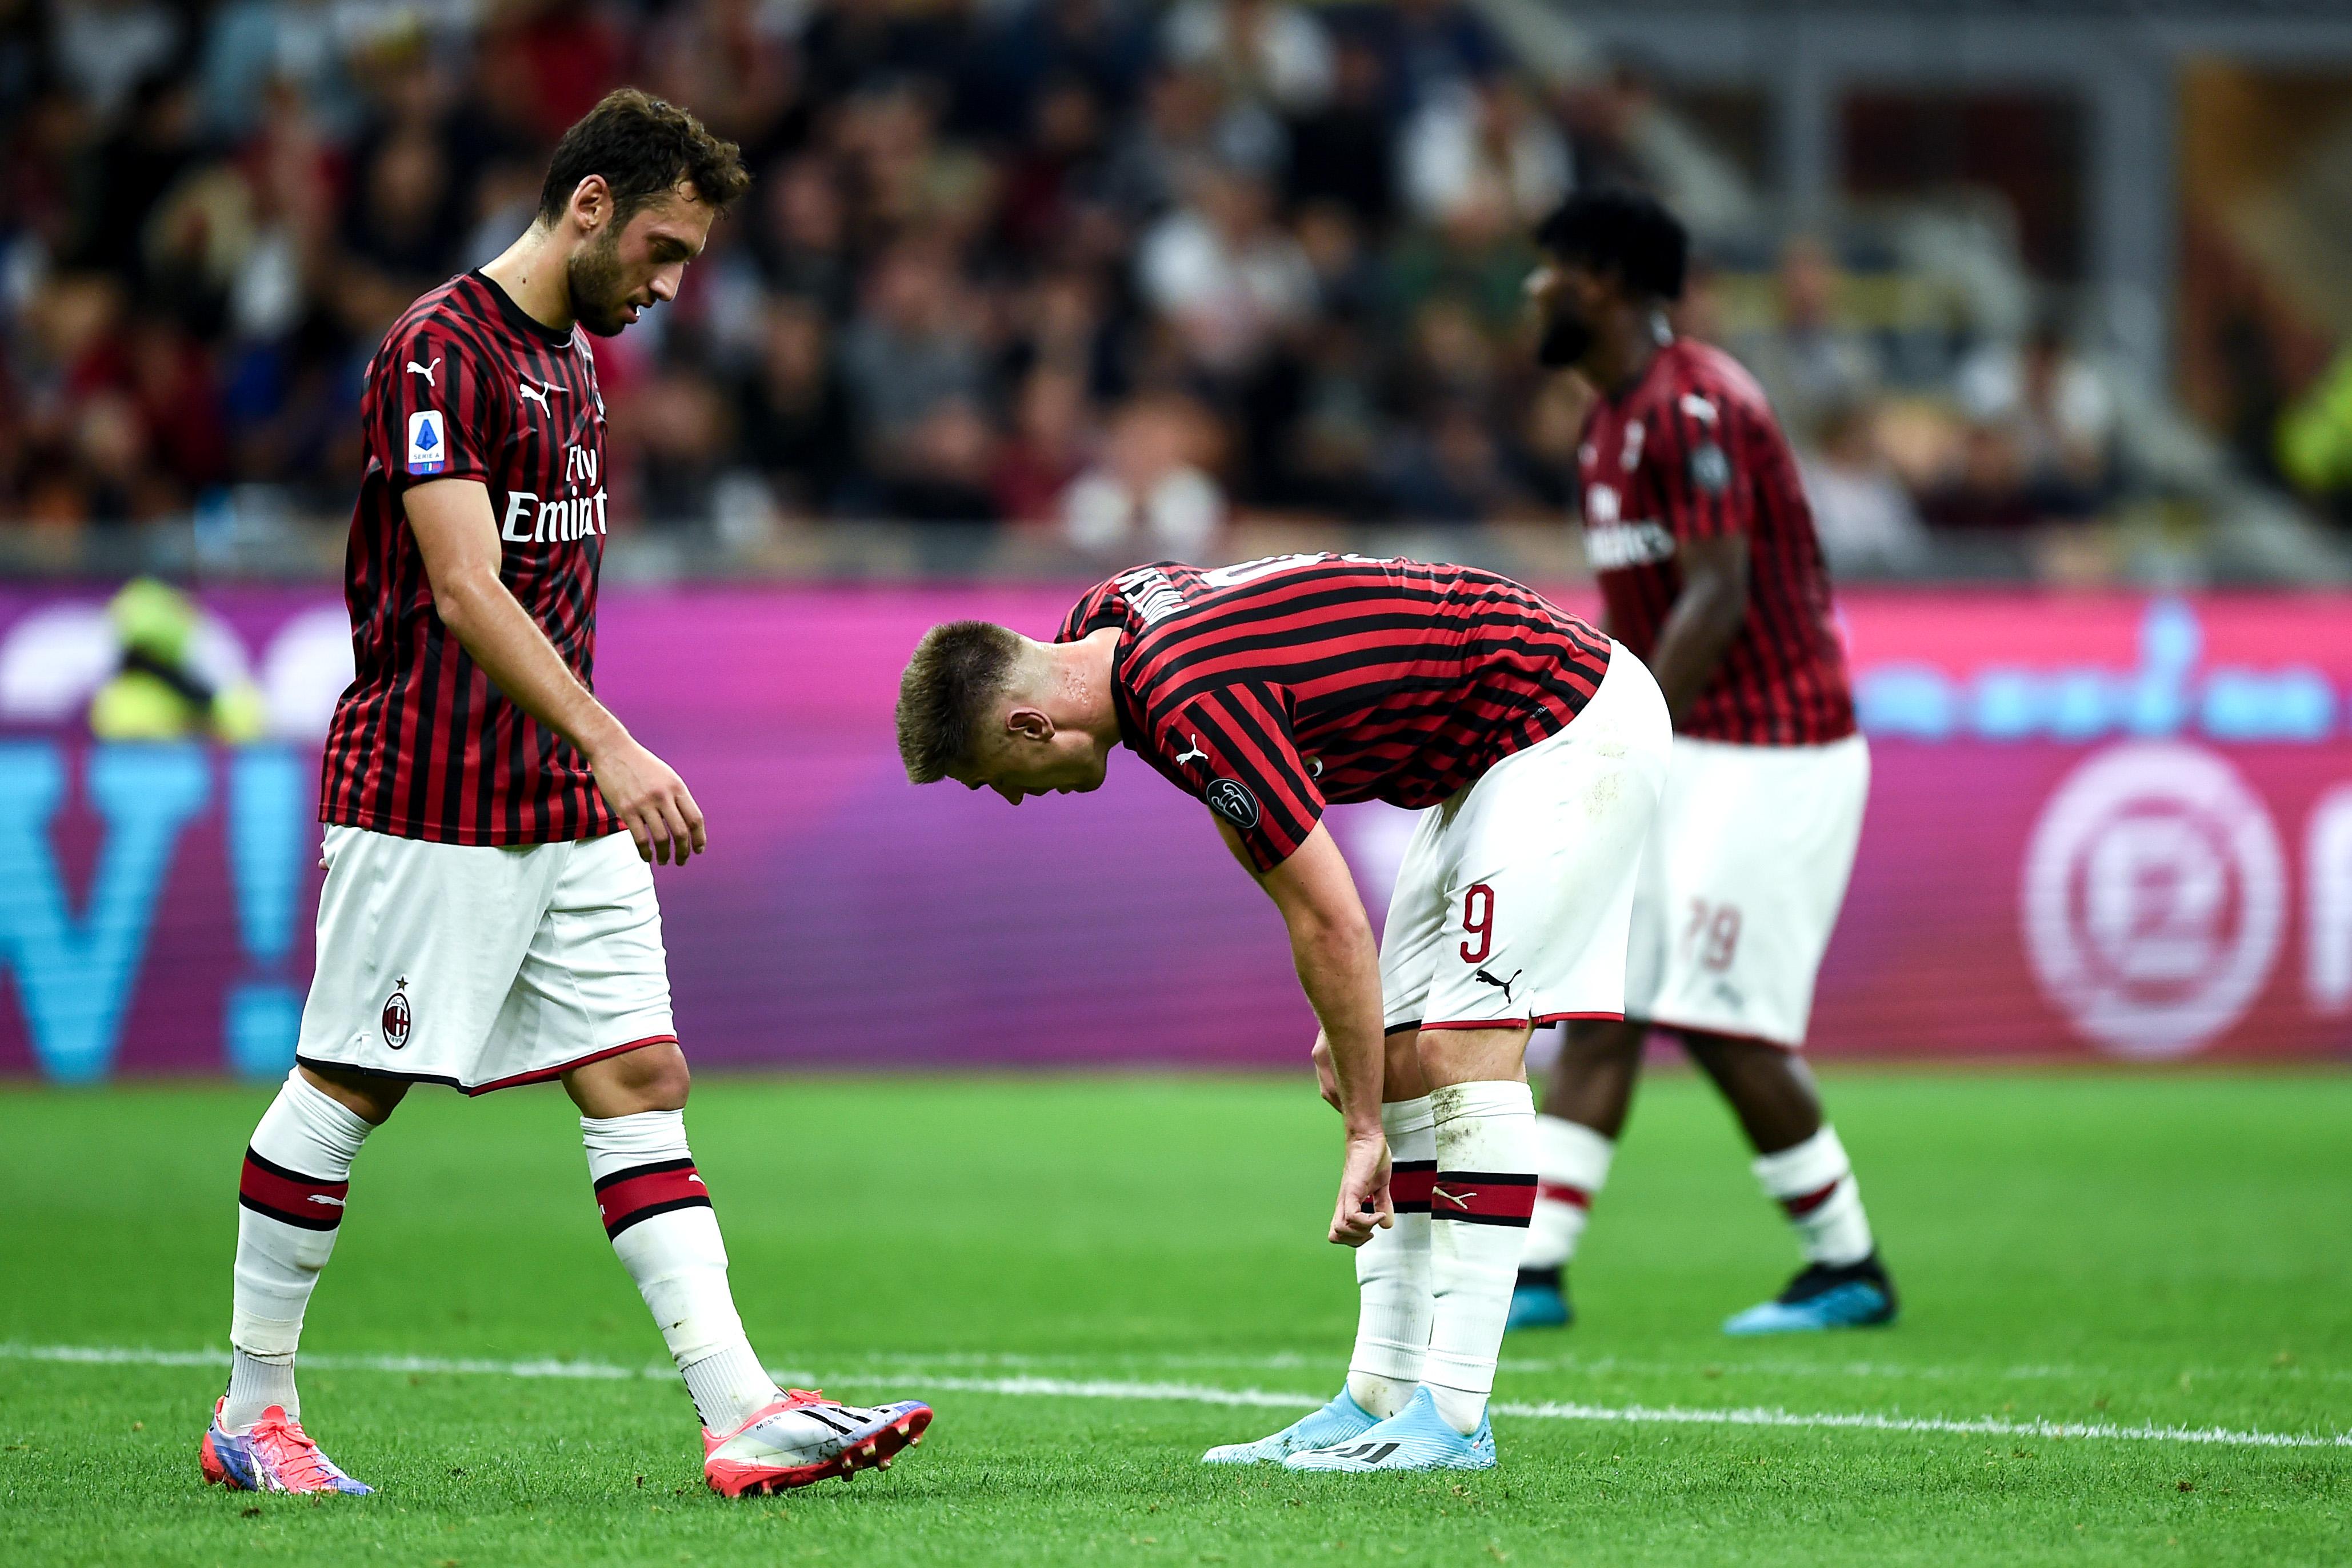 Les Européens sont au rendez-vous, l'AC Milan en crise